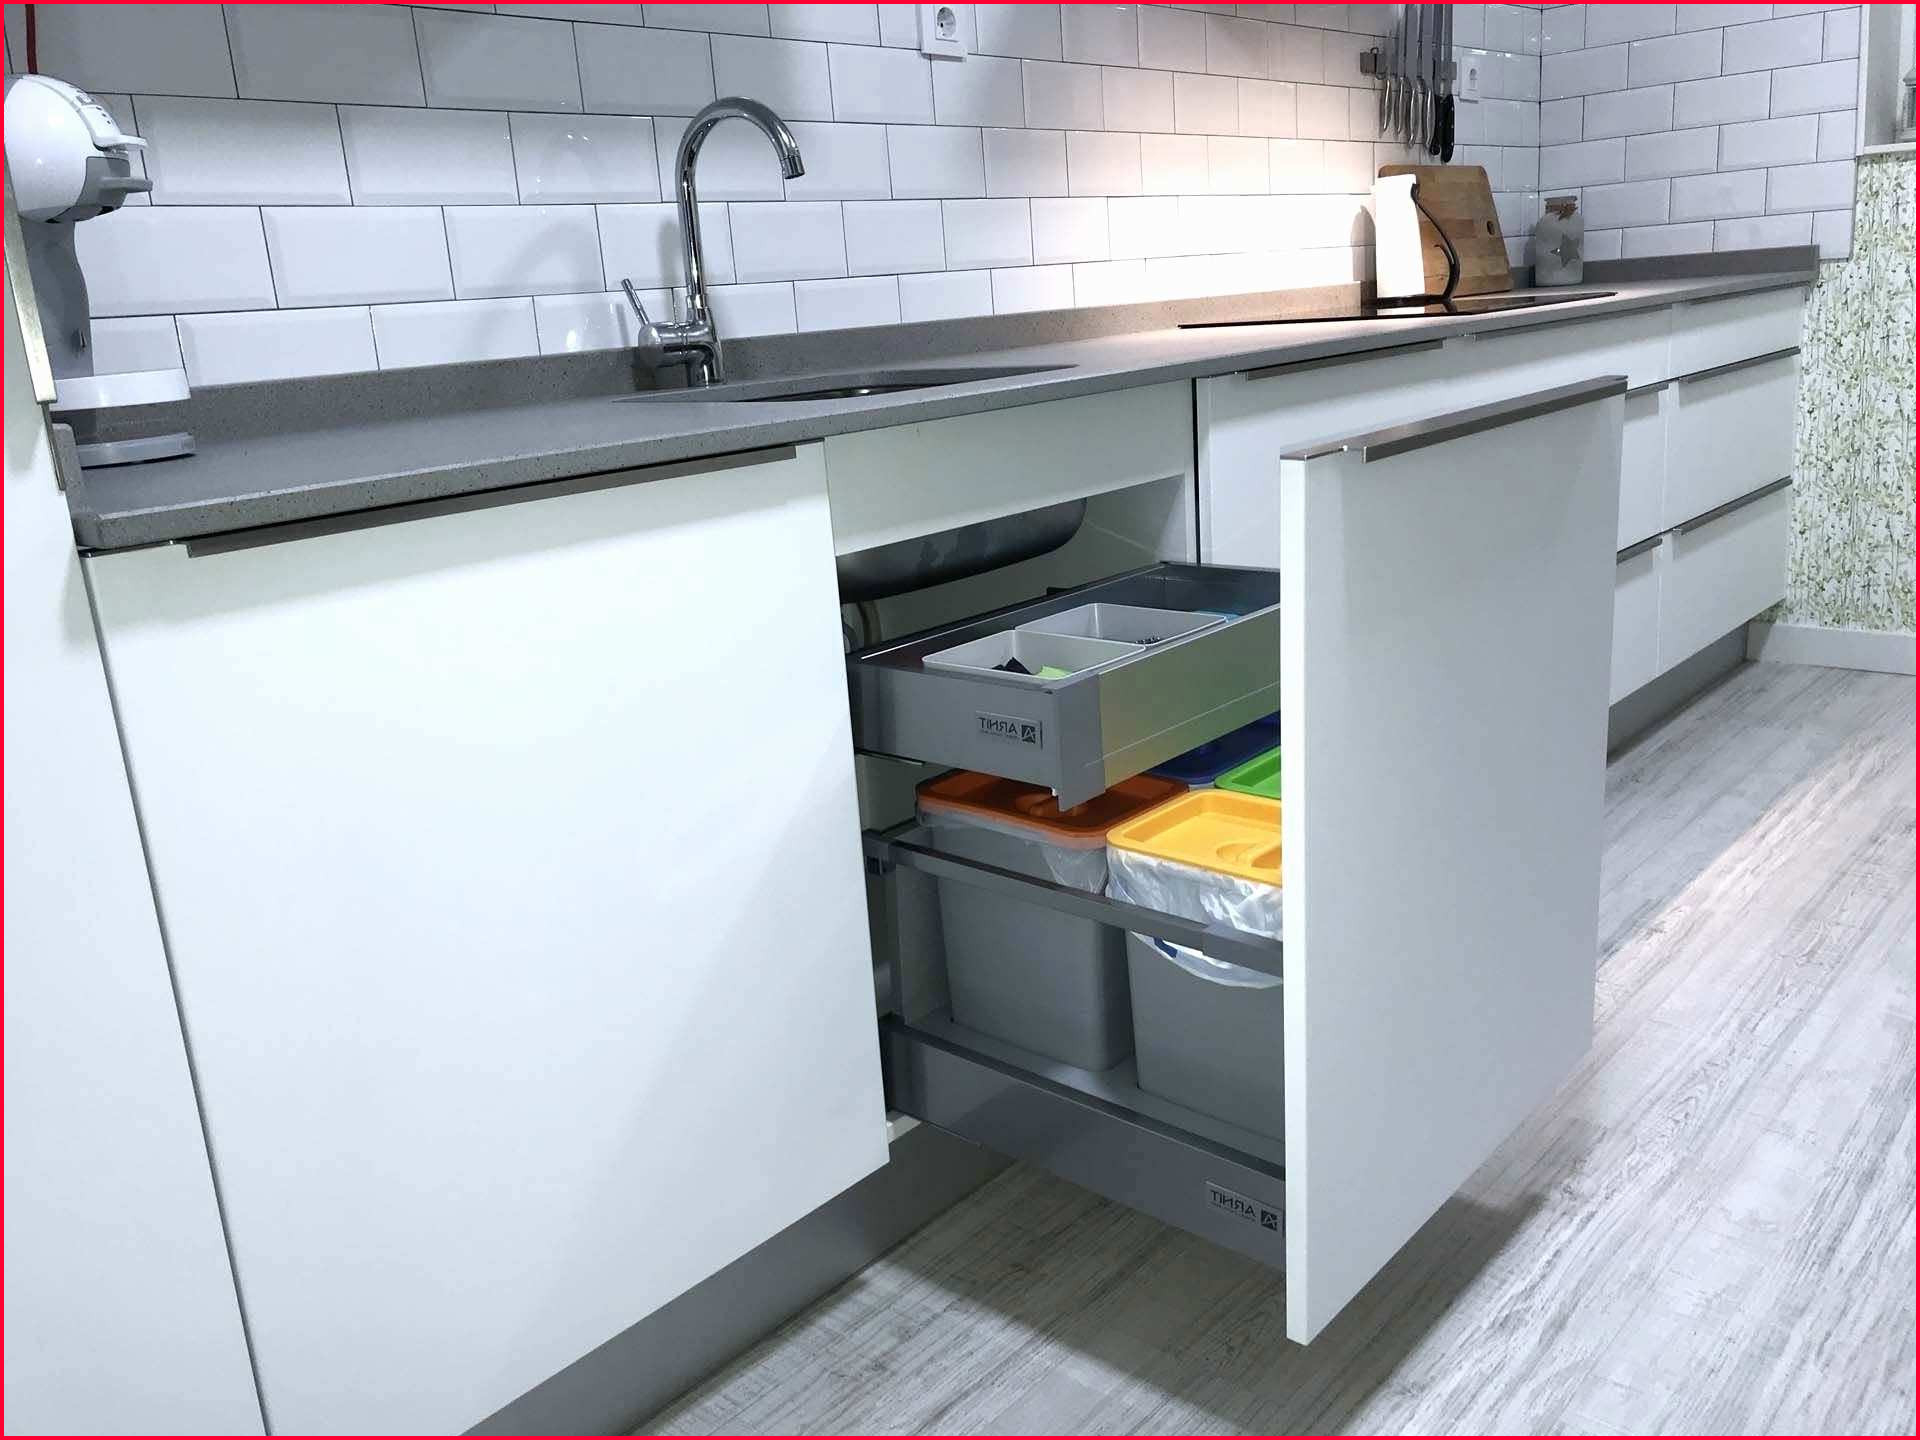 Muebles De Cocina En Zaragoza Budm Muebles De Cocina Zaragoza Muebles De Cocina En Zaragoza